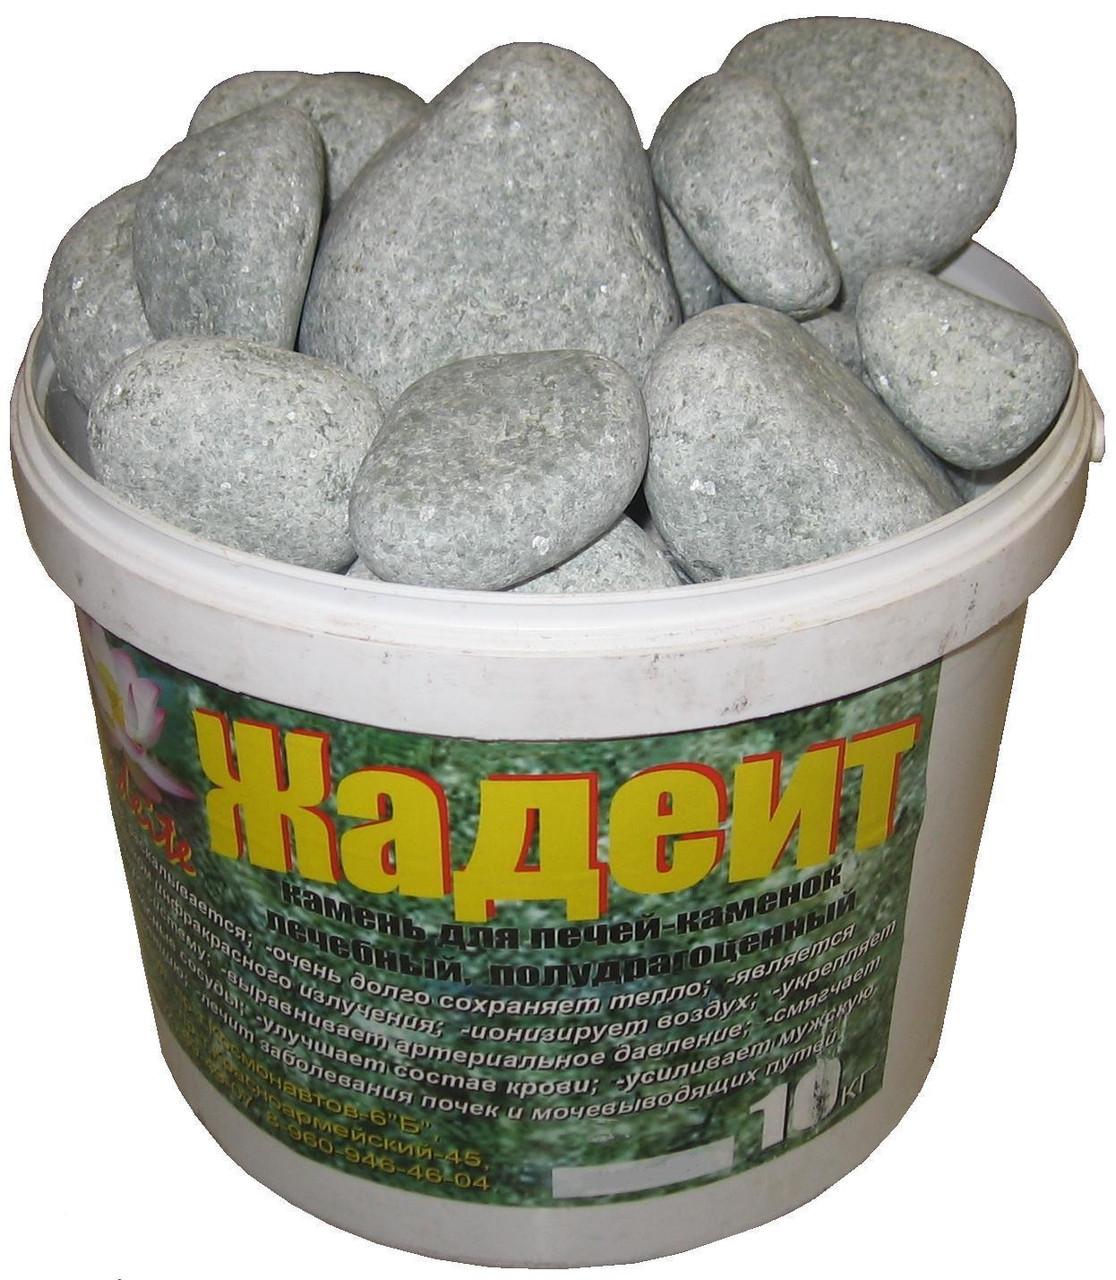 Какие камни для бани подходят лучше всего? их виды и сравнительные характеристики